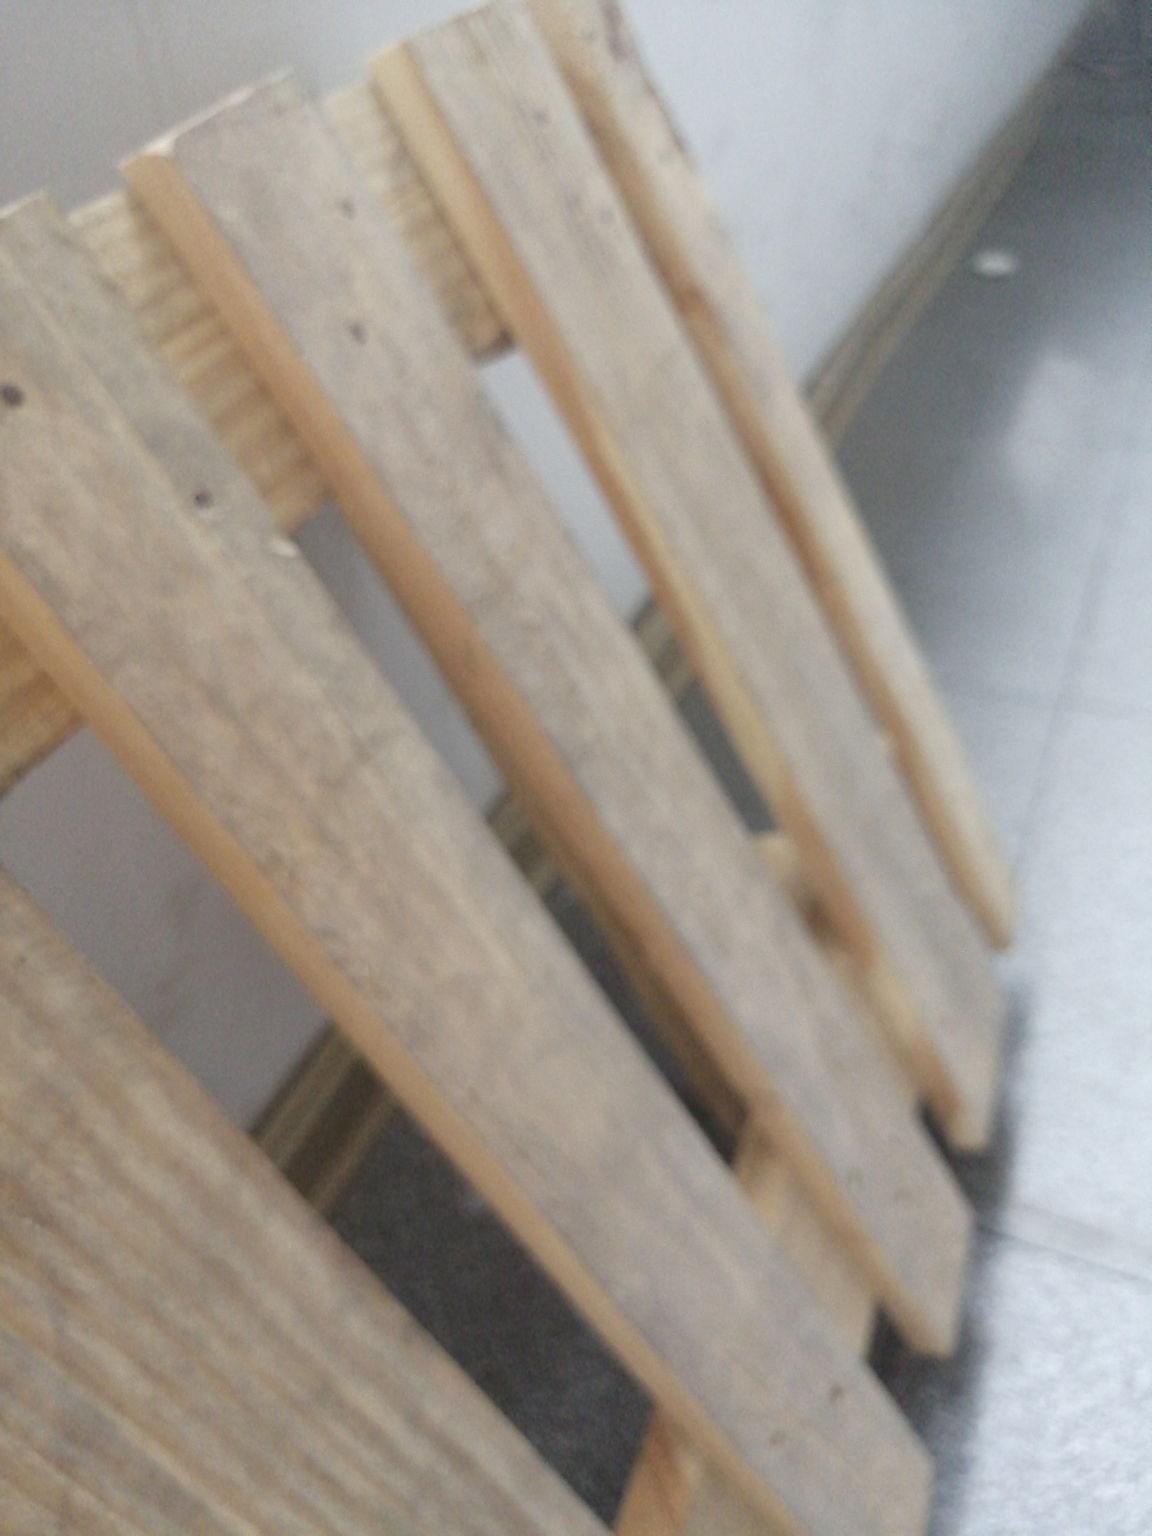 环保胶合栈板厂家-环保胶合栈板厂家、公司、�,⊰ほ�业